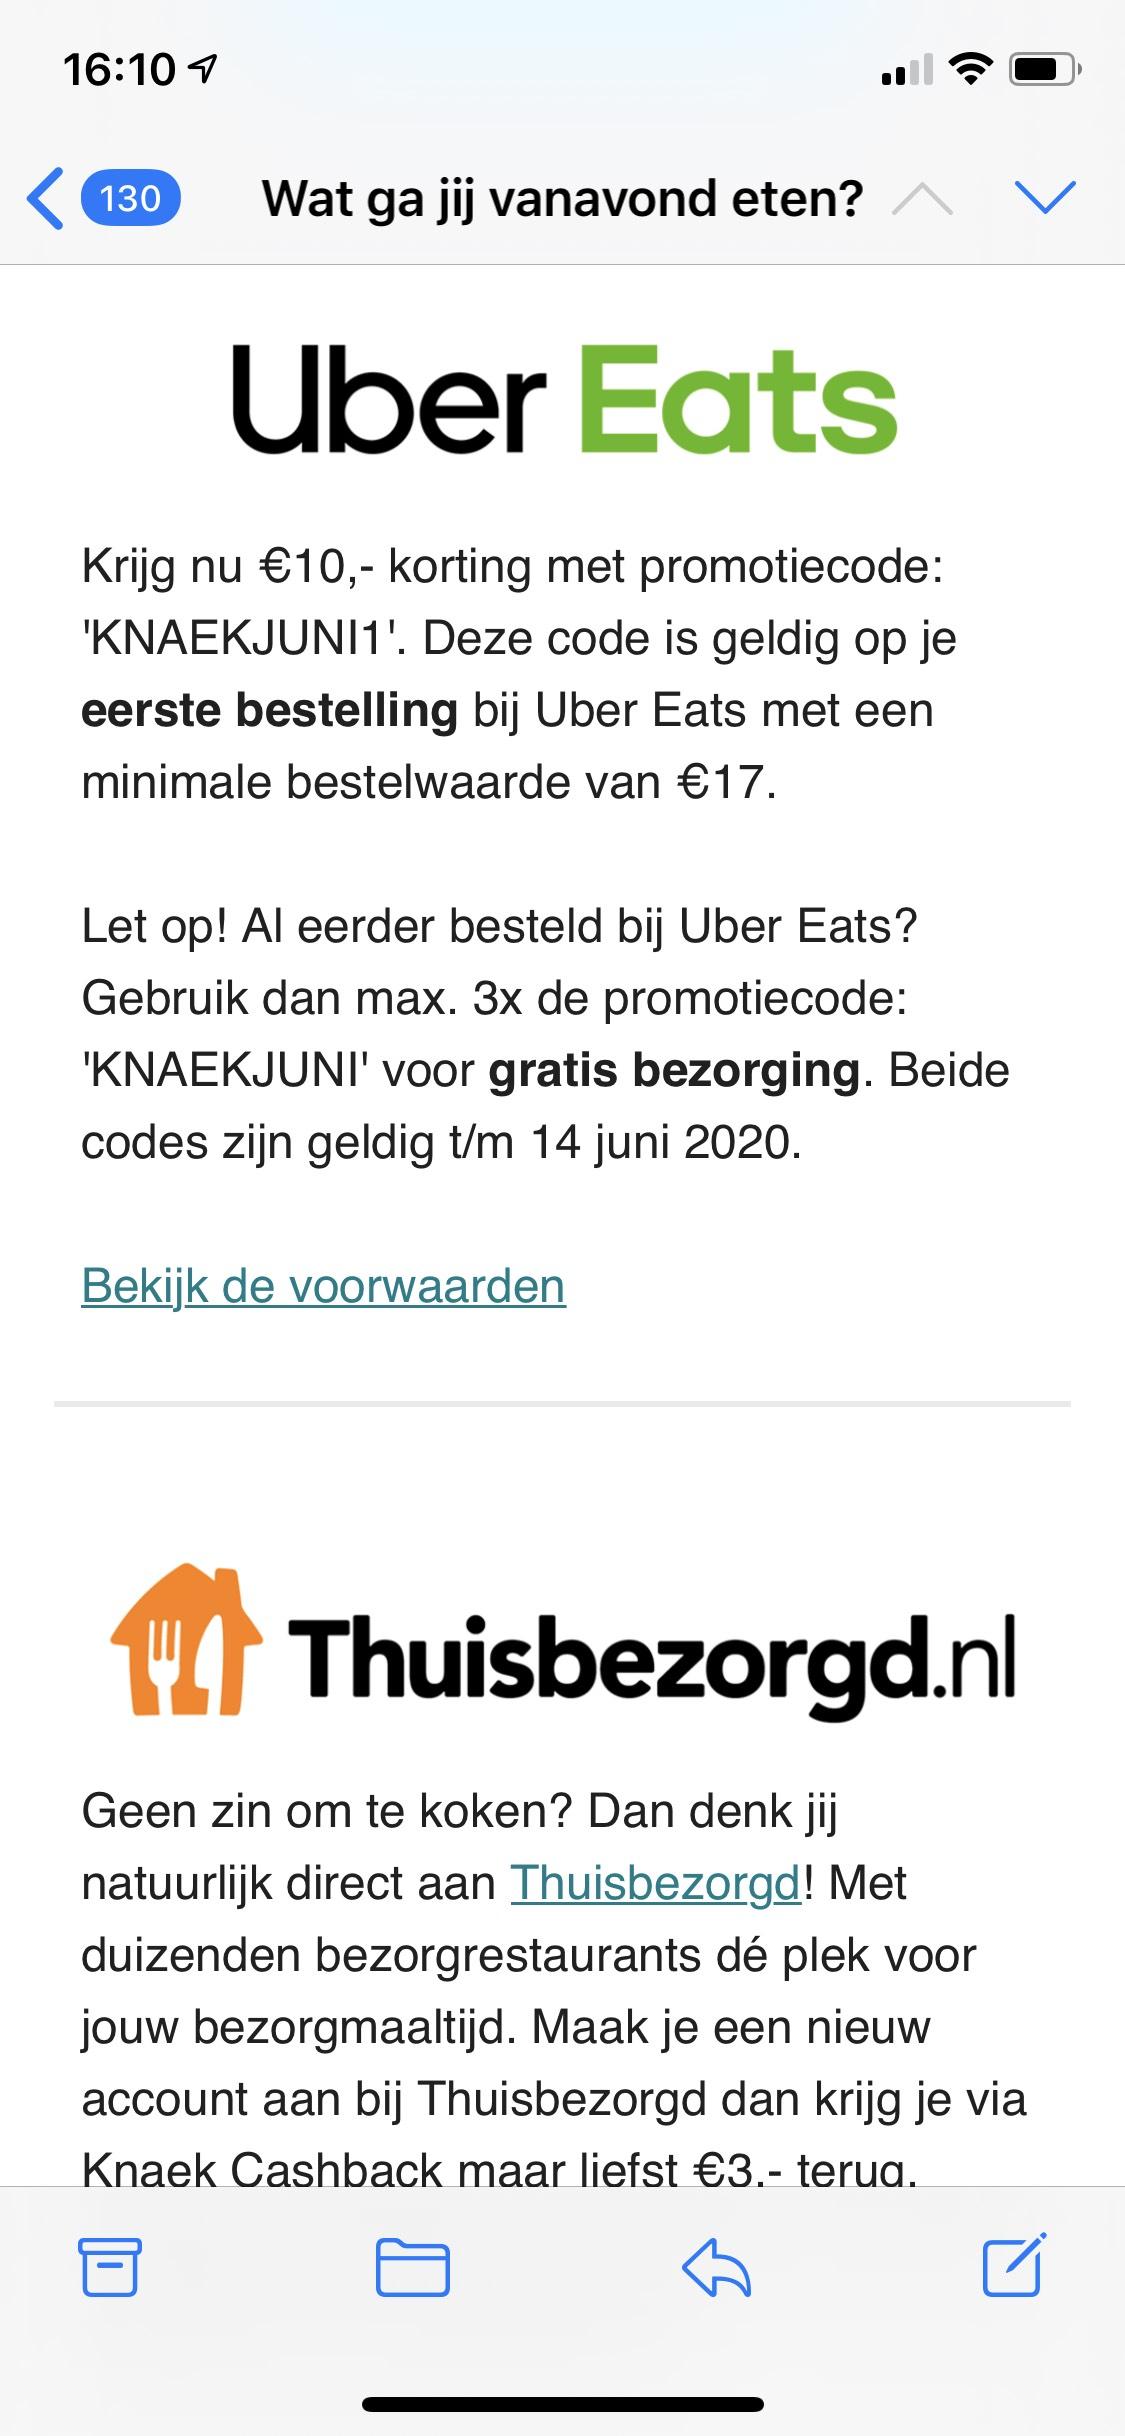 €10 korting Uber Eats óf gratis bezorging (3x)